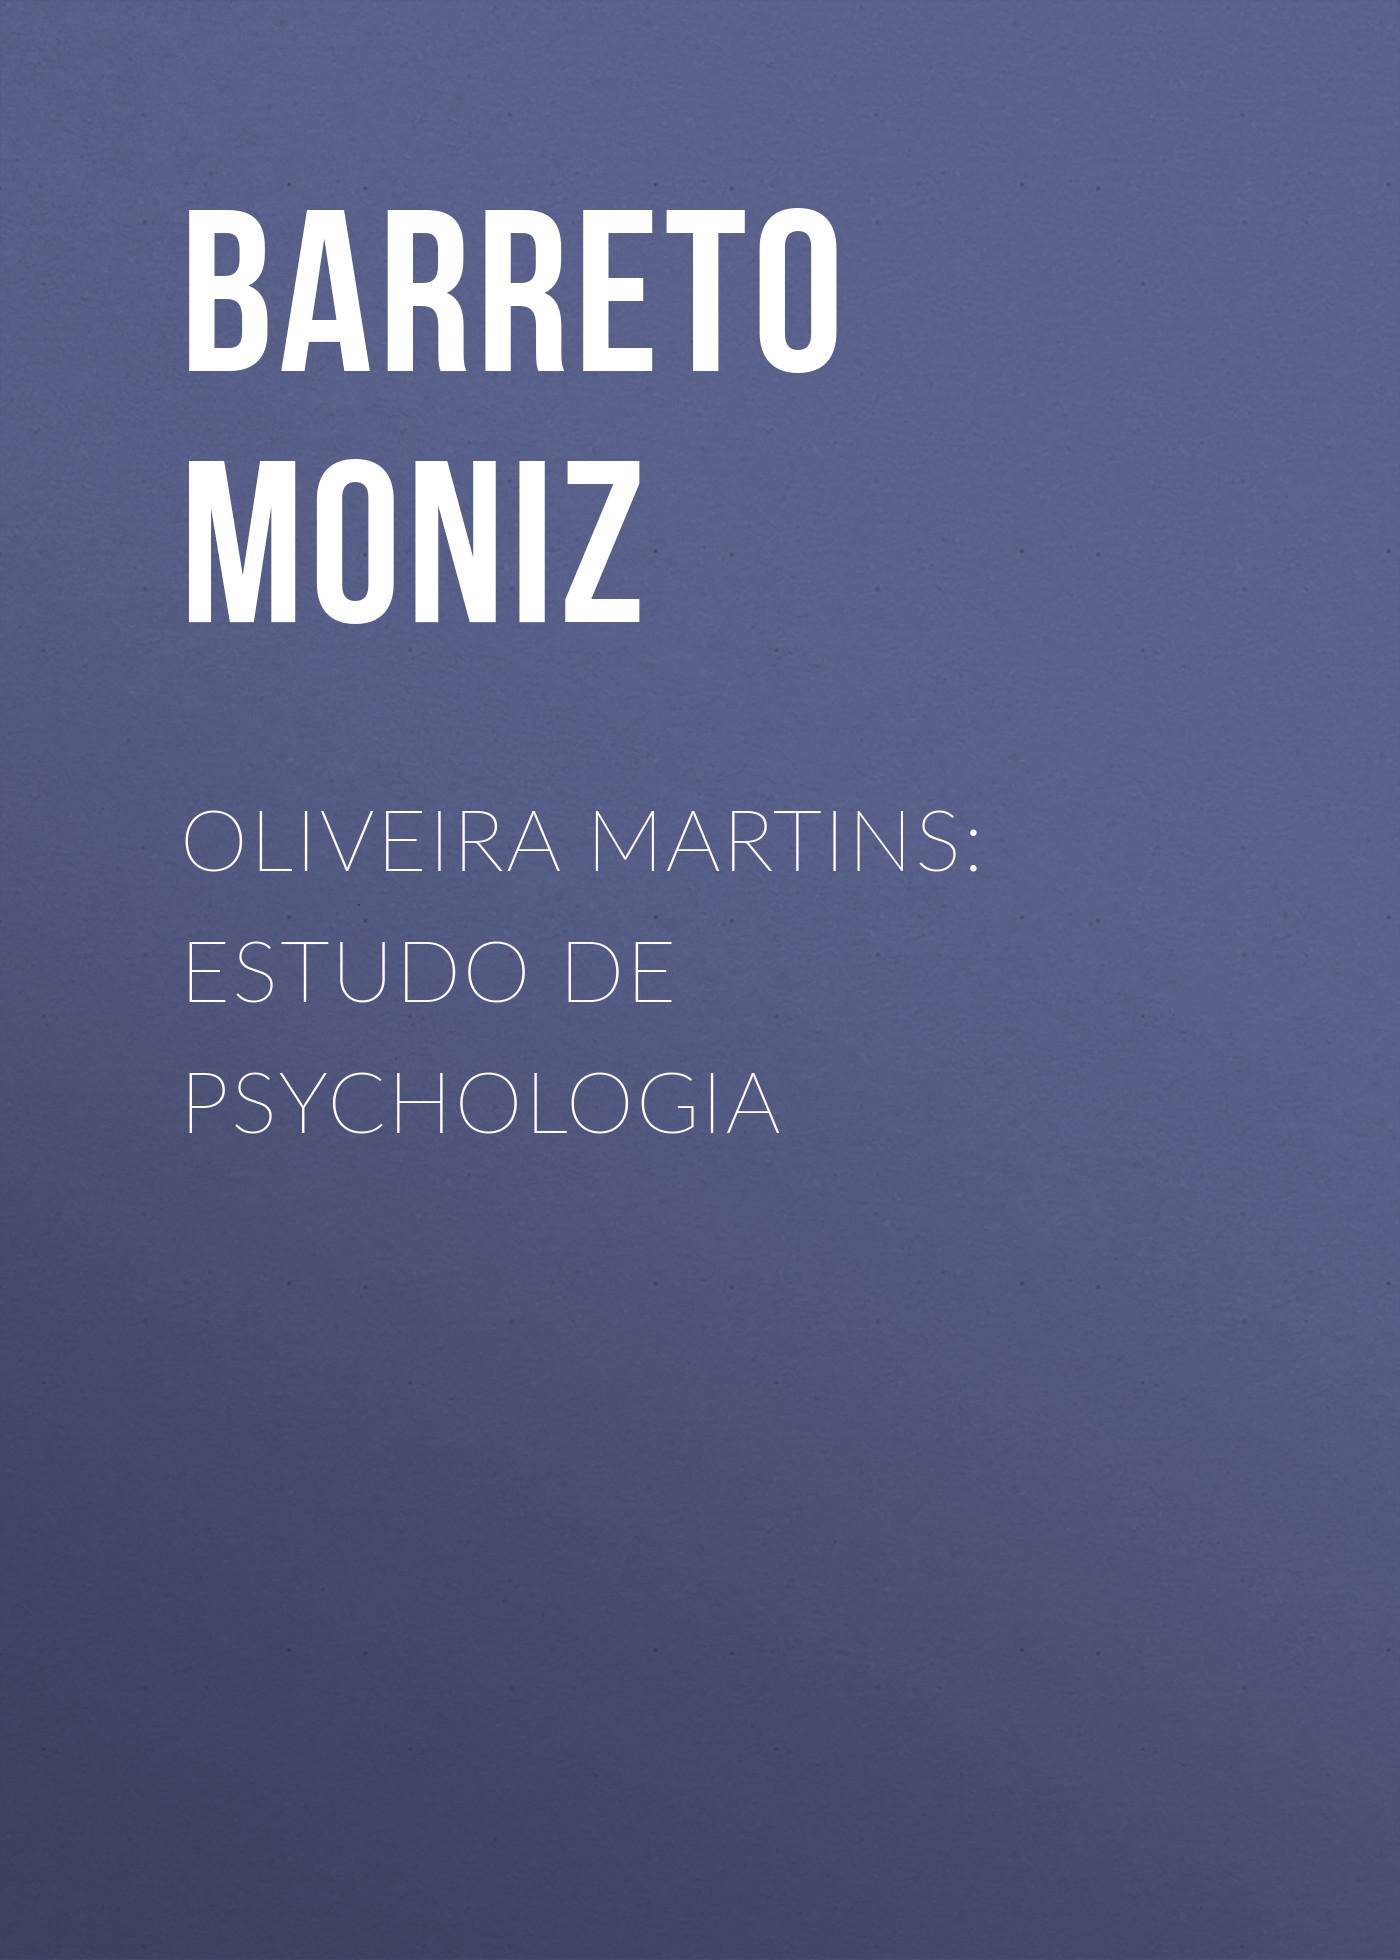 oliveira martins estudo de psychologia